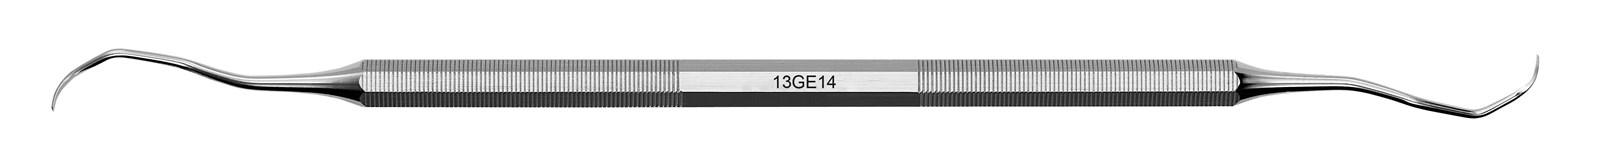 Kyreta Gracey Classic - 13GE14, ADEP silikonový návlek světle zelený